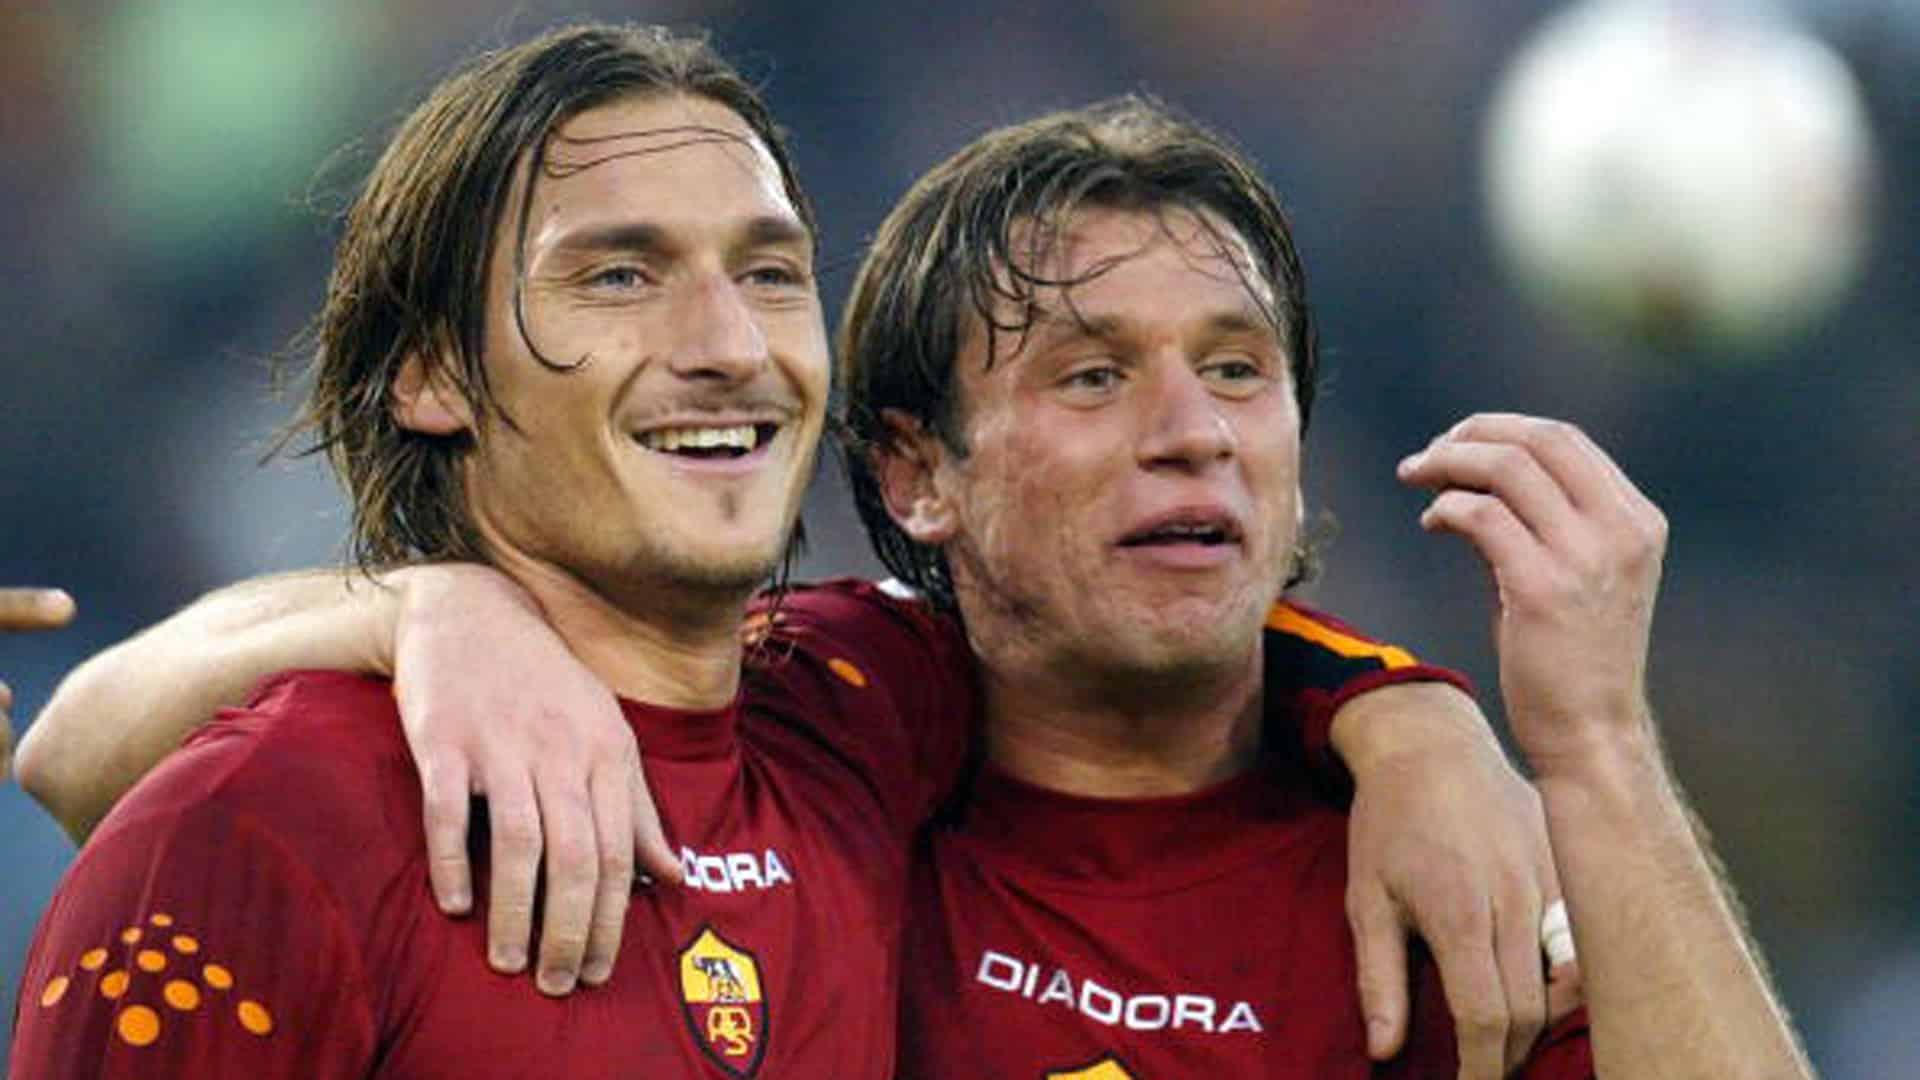 Francesco Totti la serie, Antonio Cassano la critica e Totti risponde con toni duri